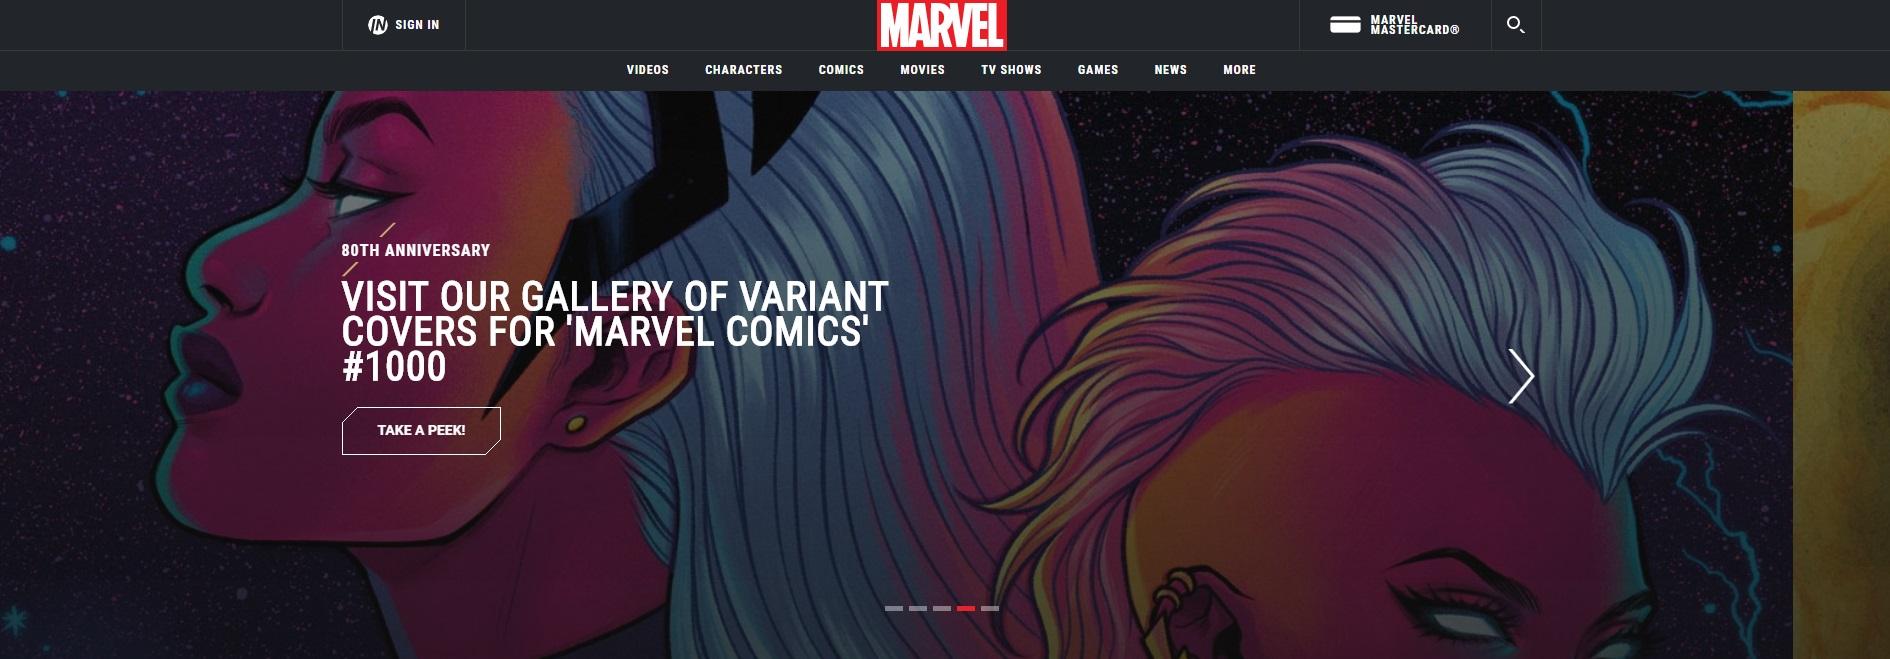 Best sites to read comics online